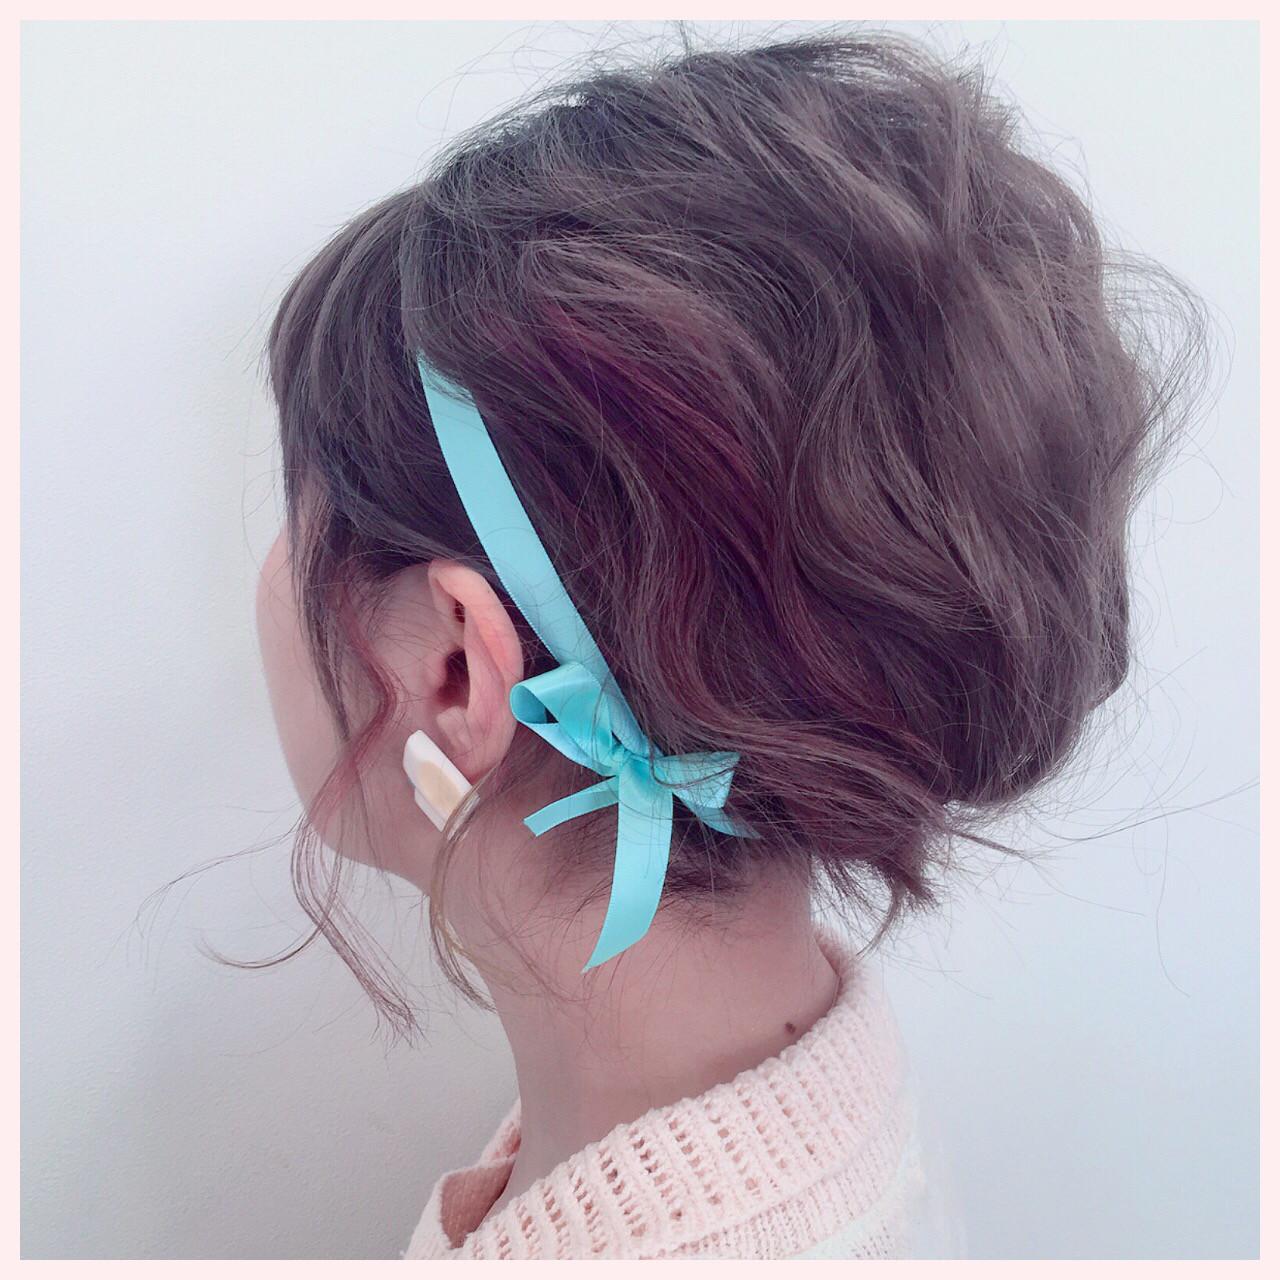 ショートだからこそかわいい♡ヘアバンドを使ったヘアアレンジ♪ melc / 望月 拓郎  melc